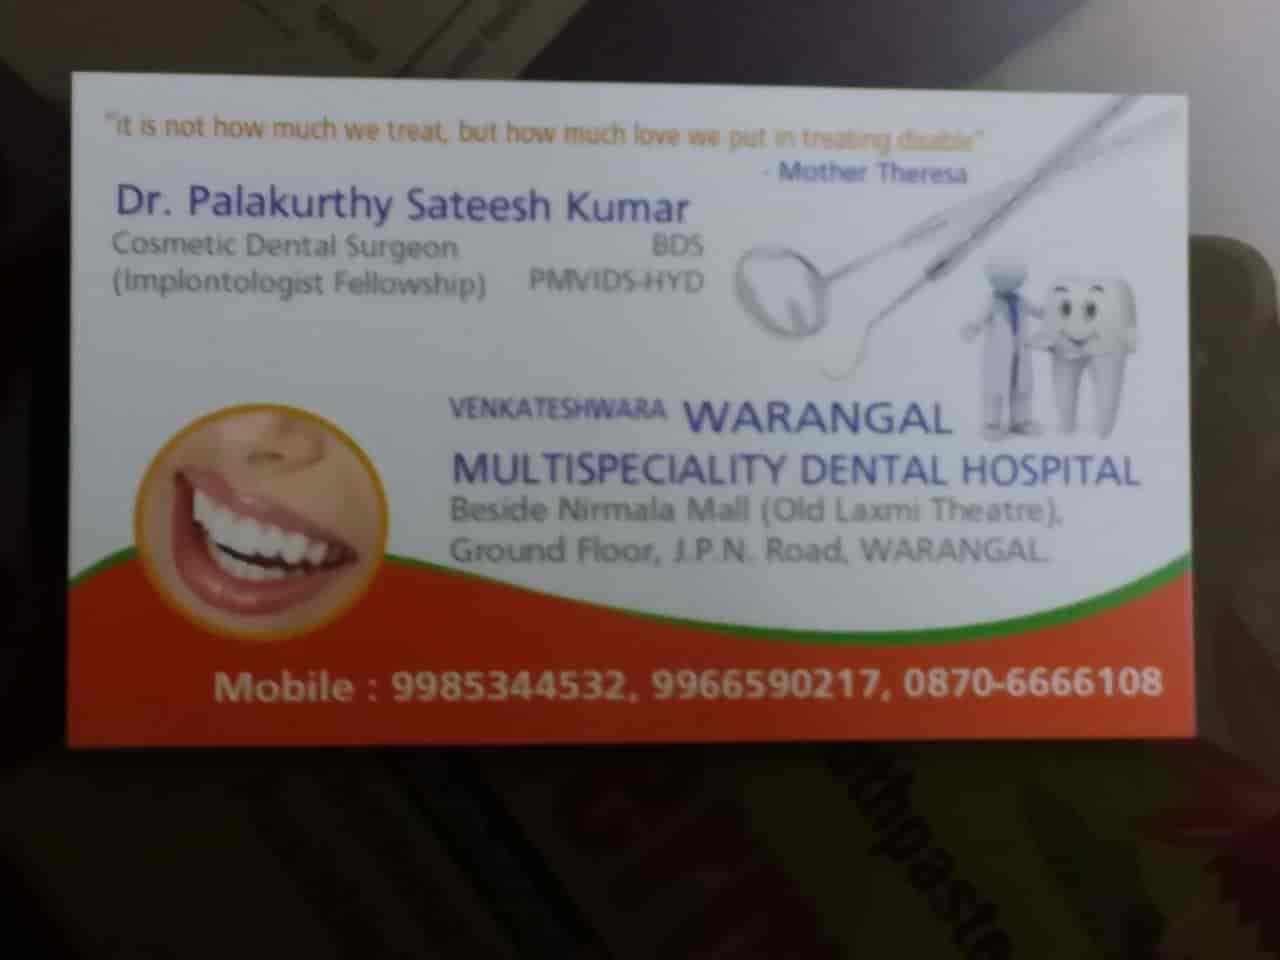 Venkateshwara Warangal Multispeciality Dental Hospital